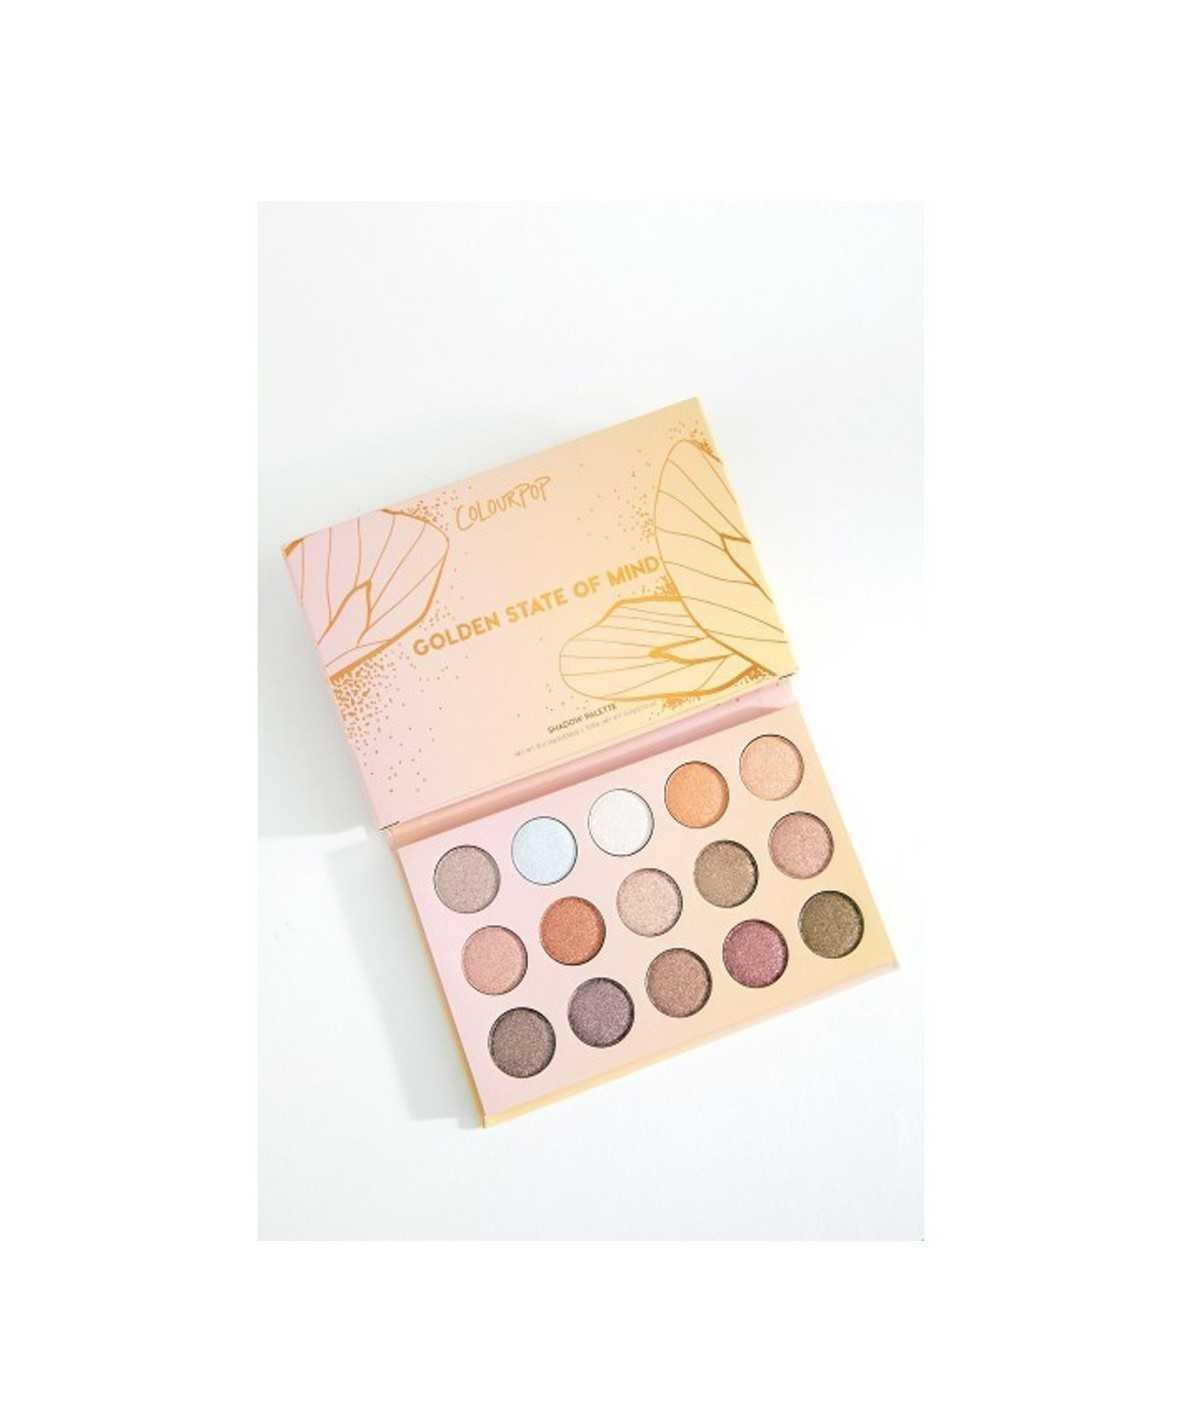 ColourPop Eyeshadow Palette - Golden State of Mind